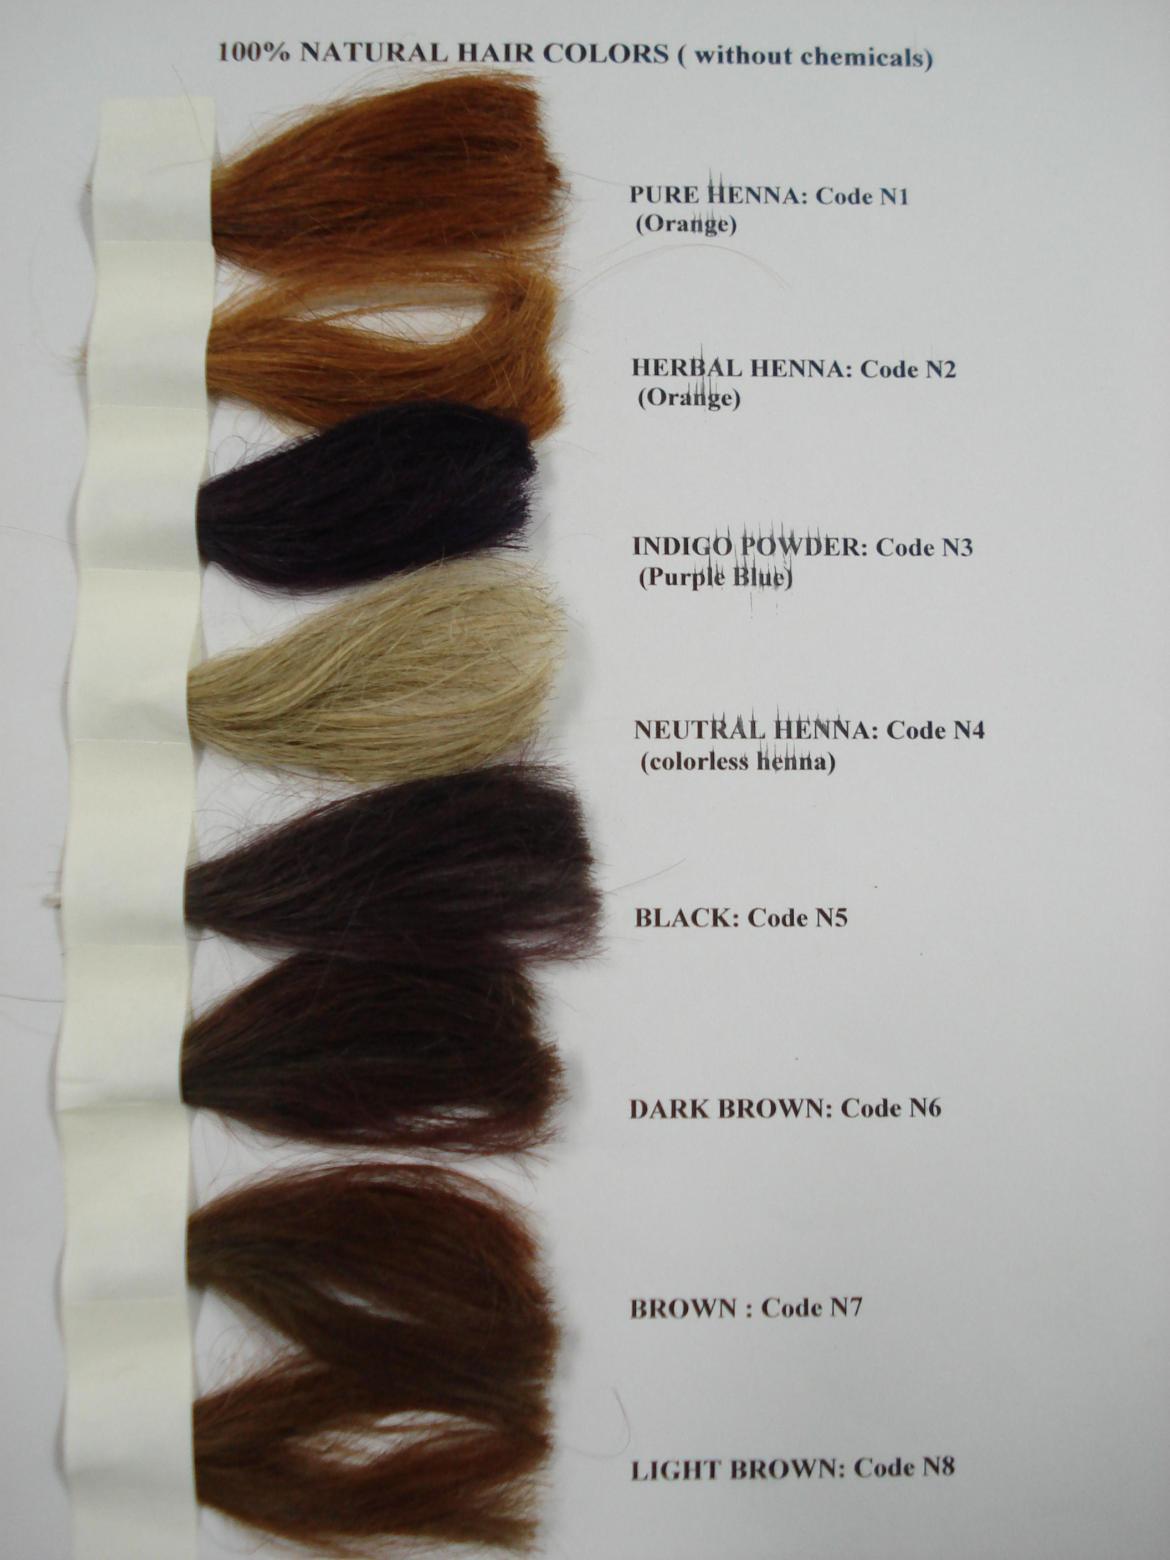 Herbal Henna w/ Amla, Neem, Shikakai and Bhringraj 4 oz + Cassia 4 oz (Strawberry Blonde)